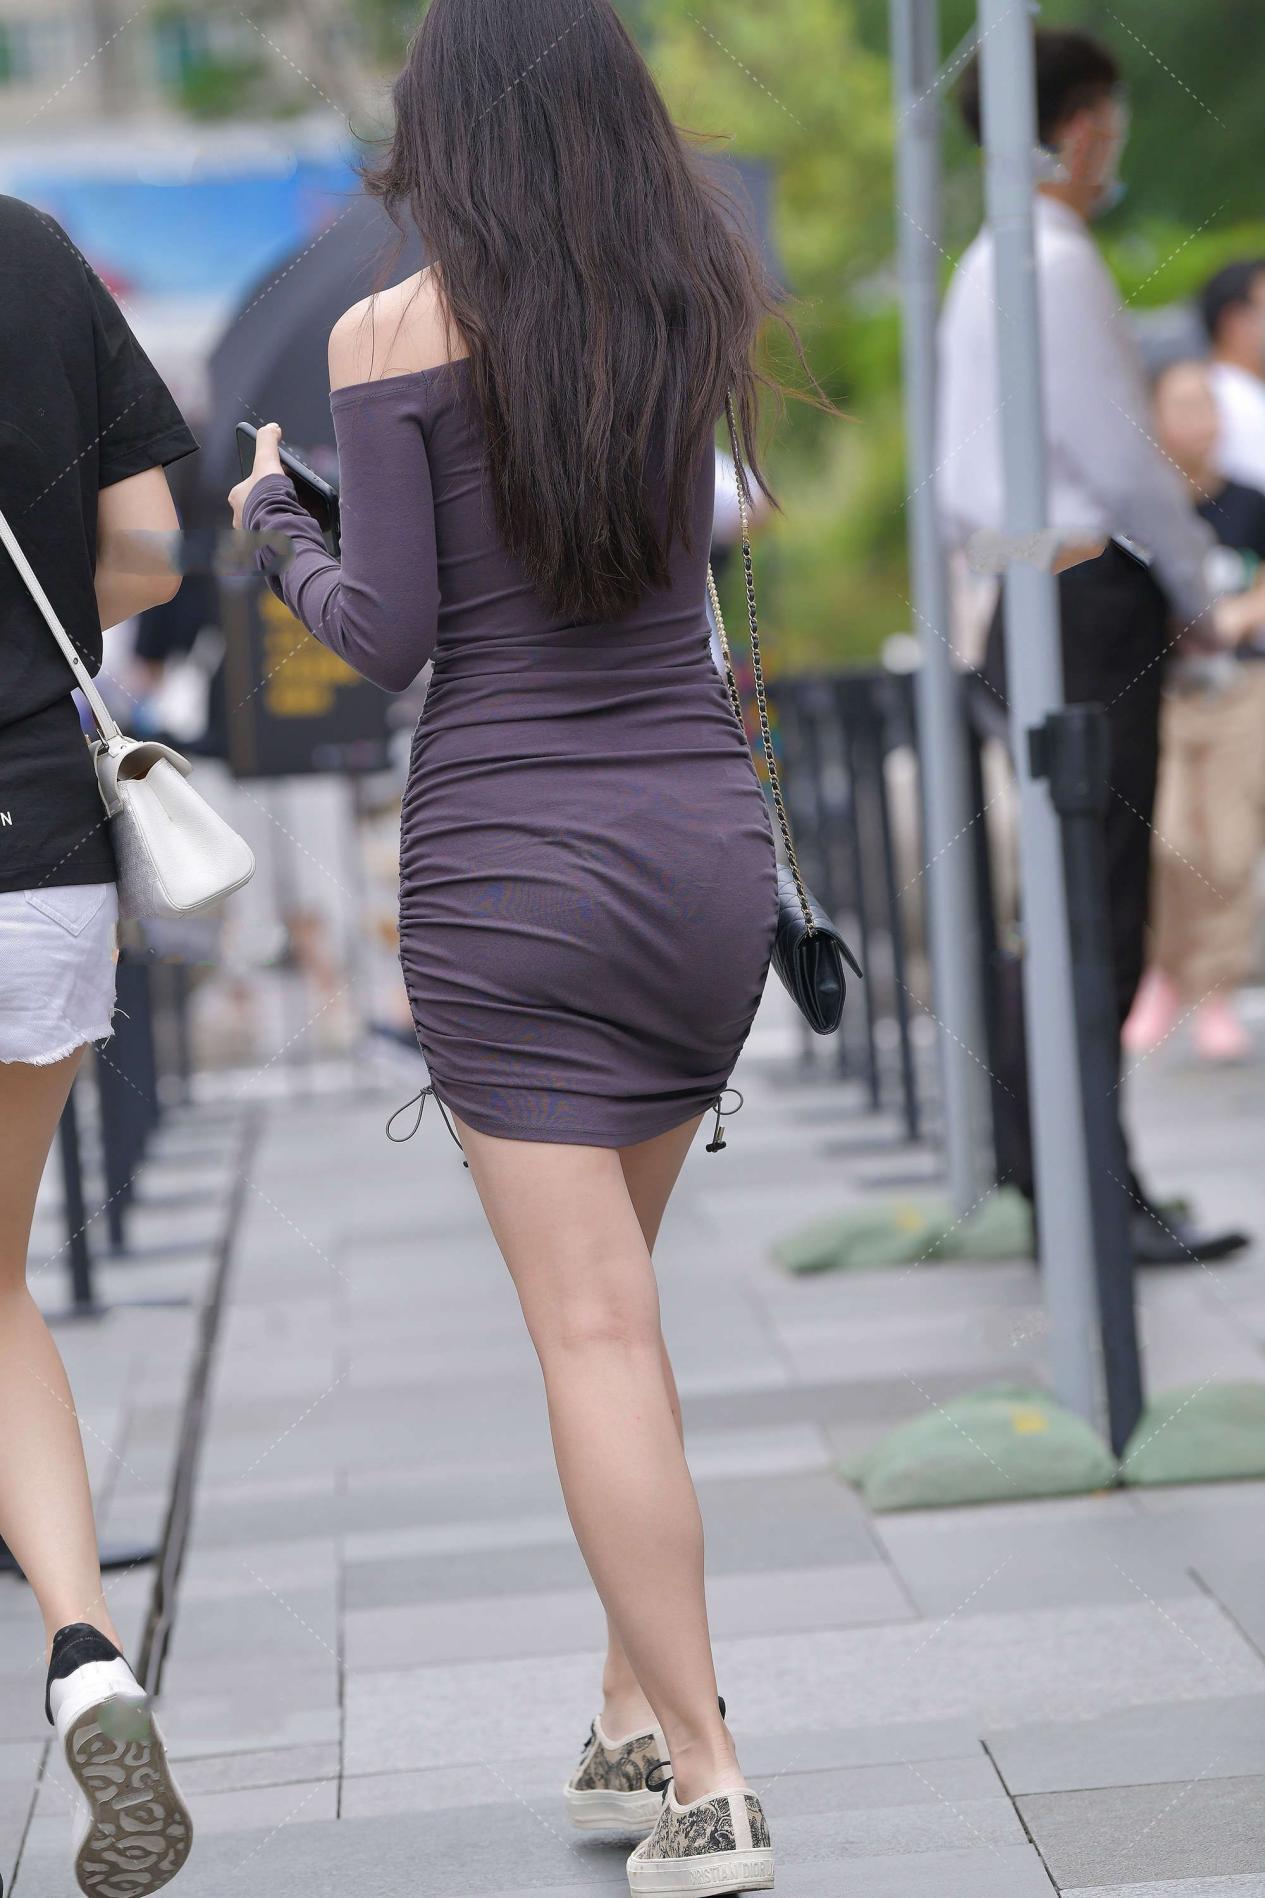 简单大气的修身裙,贴身舒适,谁穿谁好看